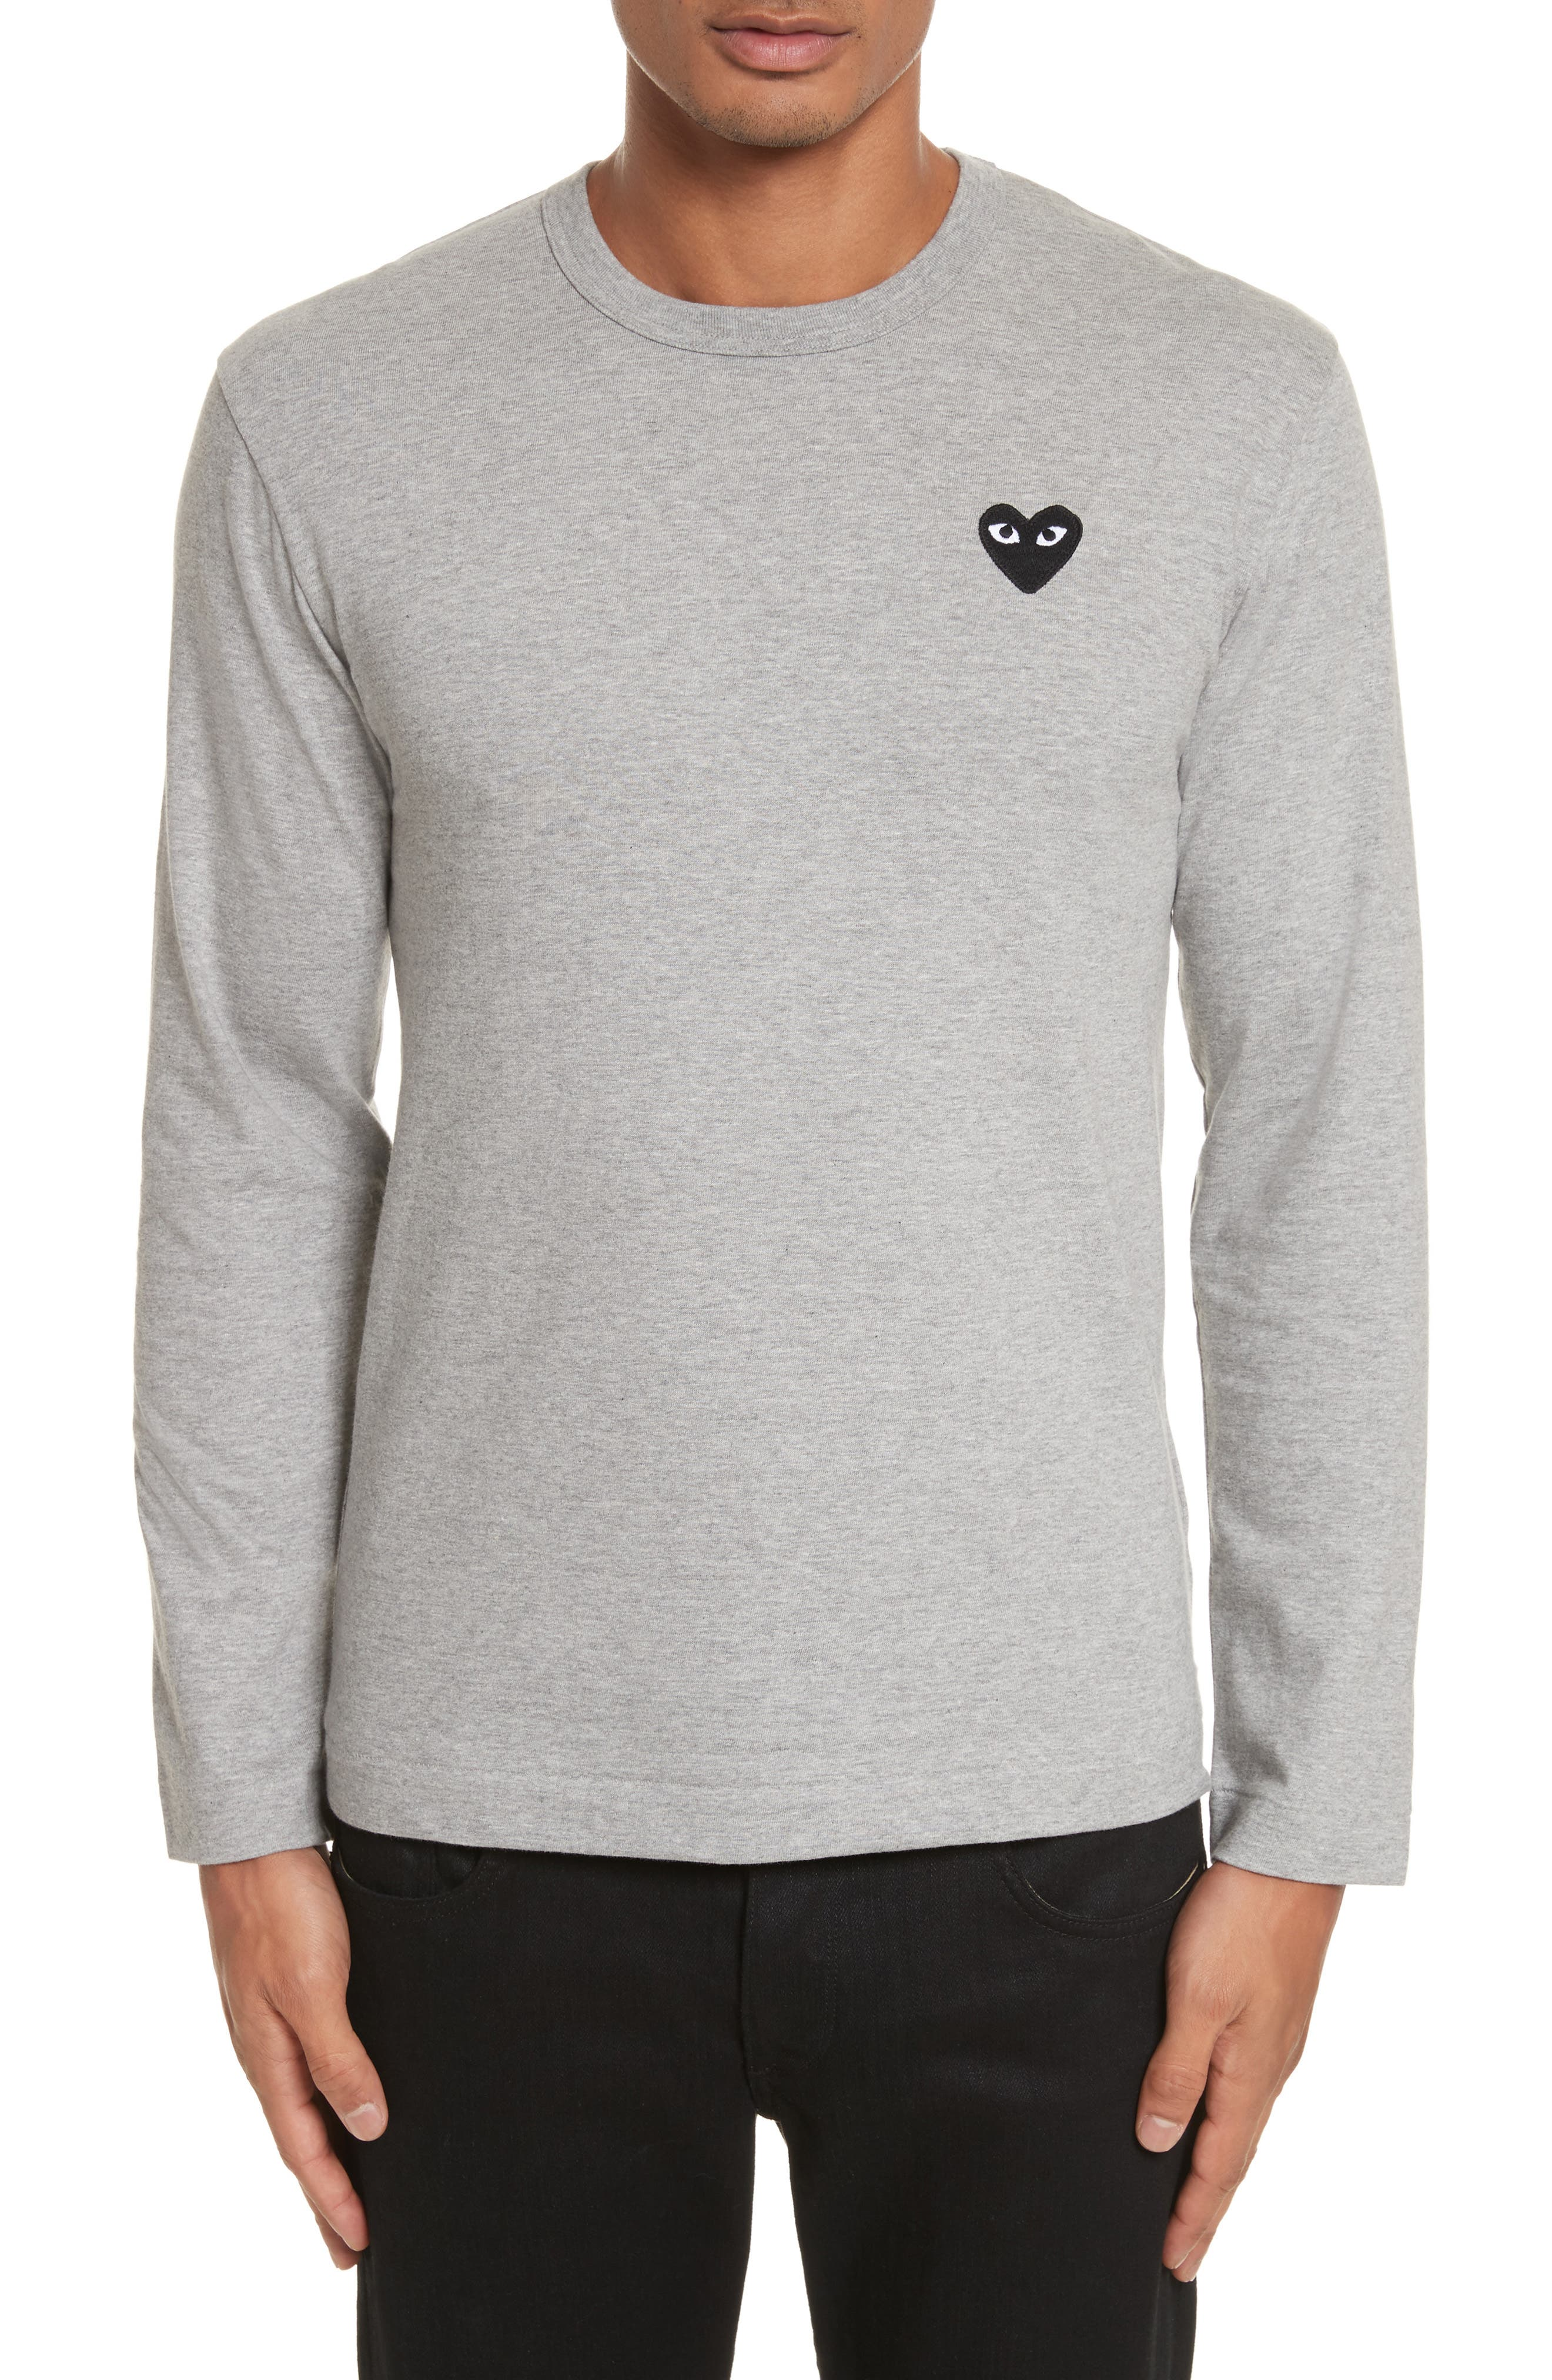 PLAY Long Sleeve T-Shirt,                             Main thumbnail 1, color,                             Grey